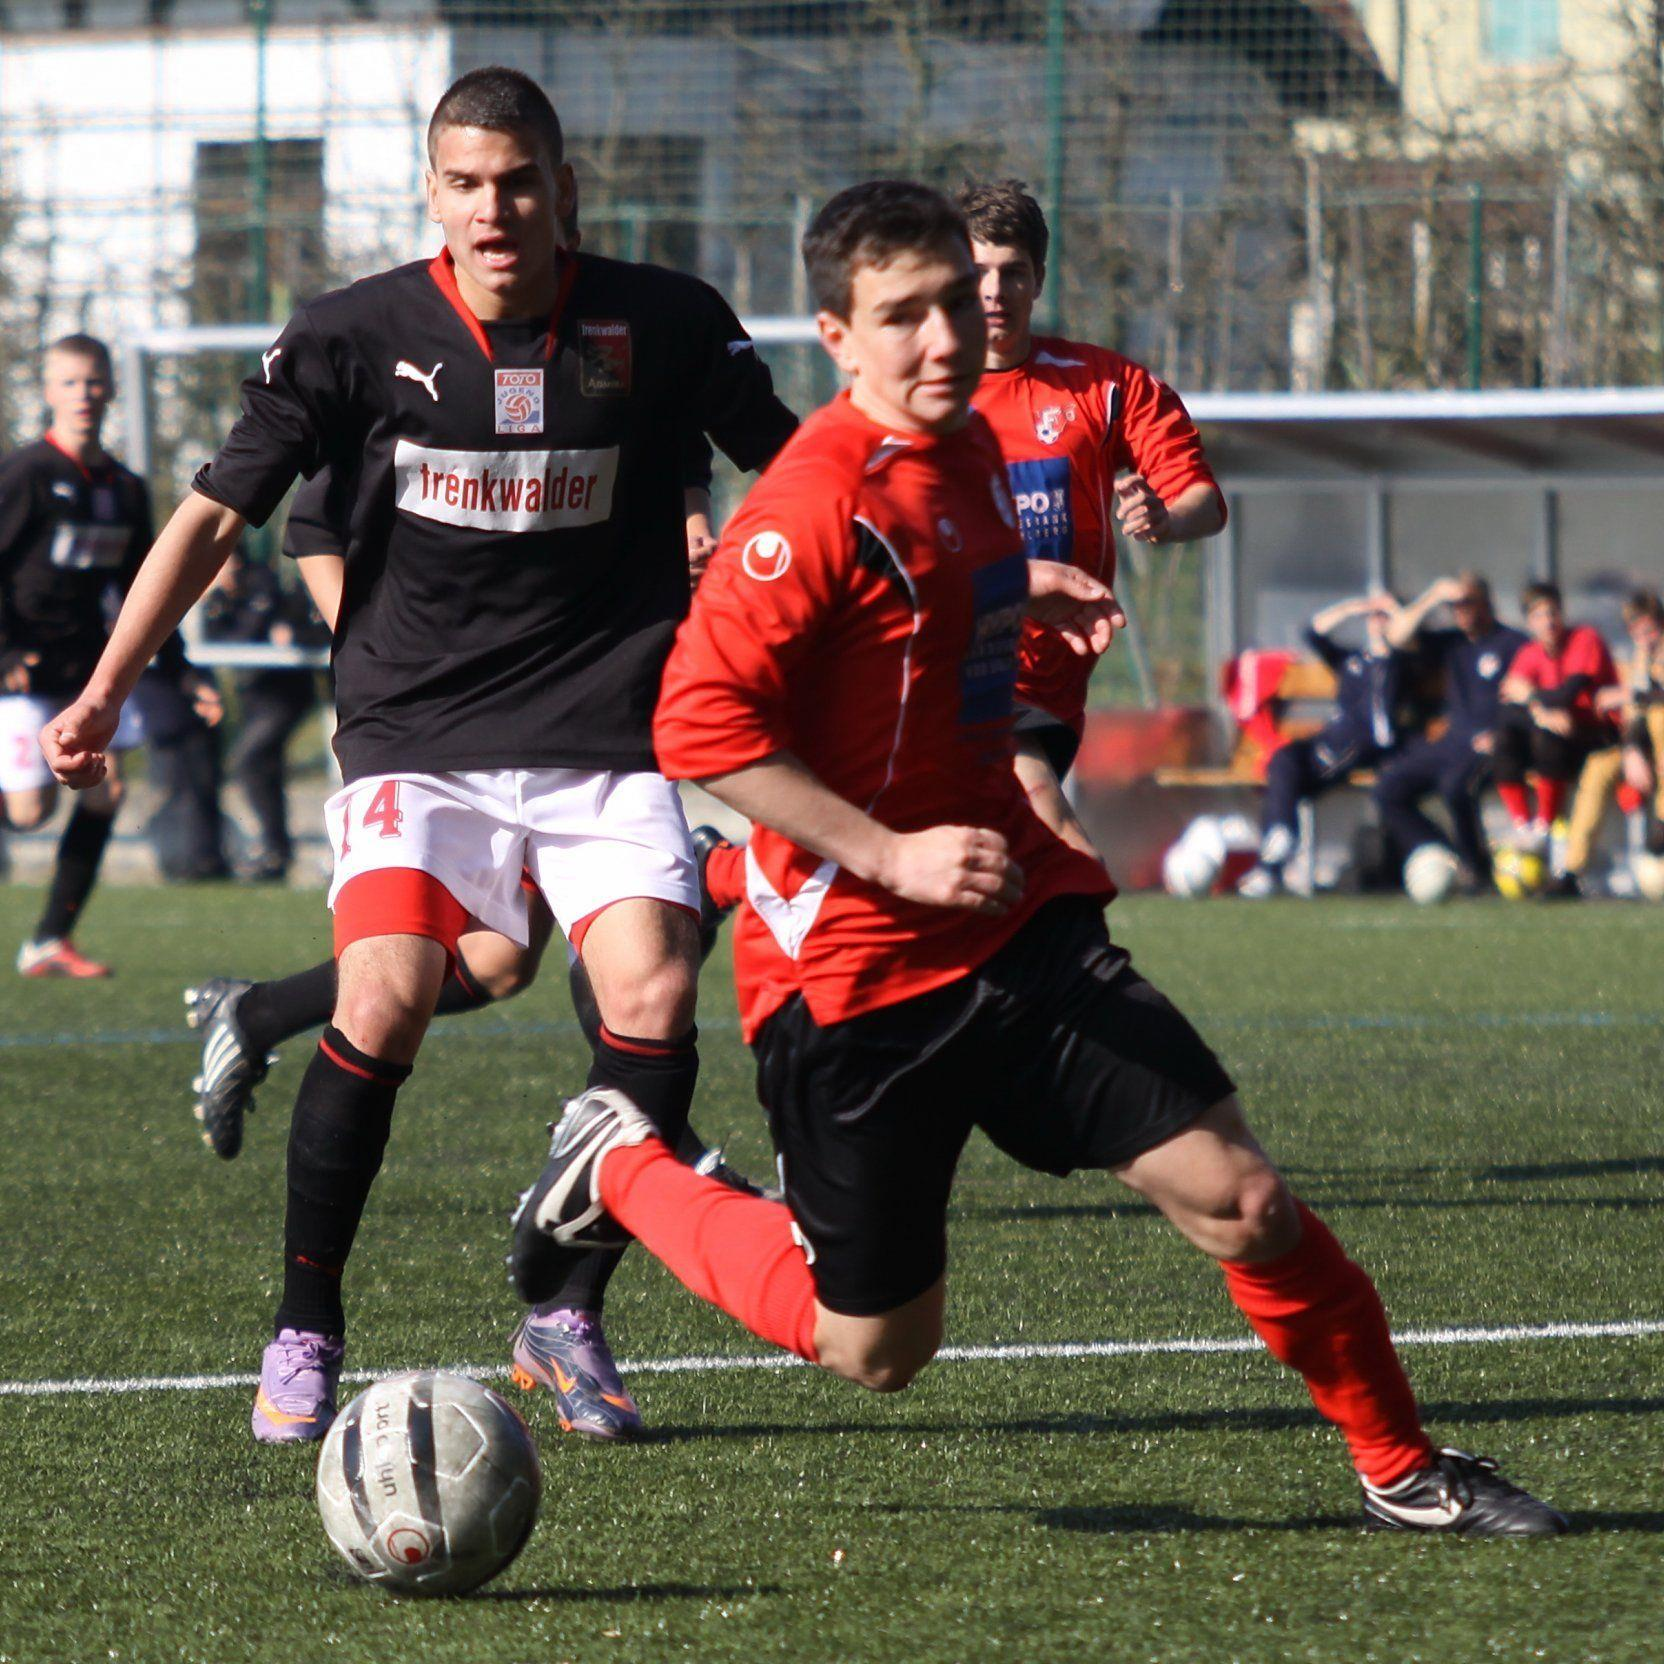 AKA U-18 gewann in Burgenland mit 2:1 und hat schon 22 Punkte auf dem Konto.